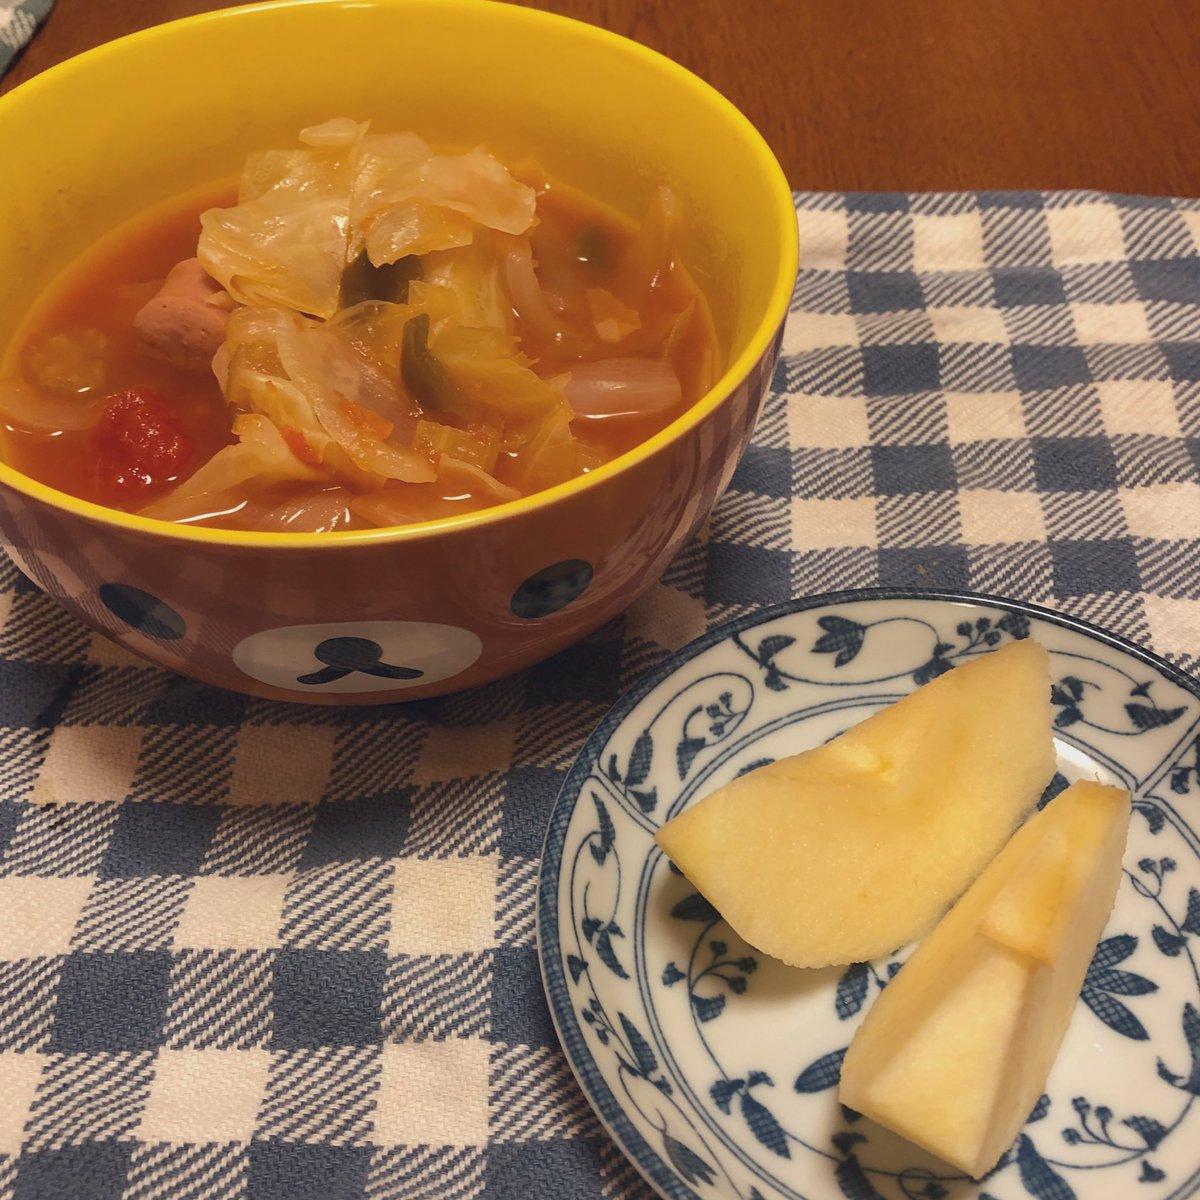 【ミラクルダイエットスープ生活】妹から教えてもらったダイエット法。クックパッドの『脂肪燃焼!ミラクルダイエットスープ』の献立に一週間チャレンジしてみたいと思います🔥✨1日目。果物とスープの日。りんごと野菜スープ🍎